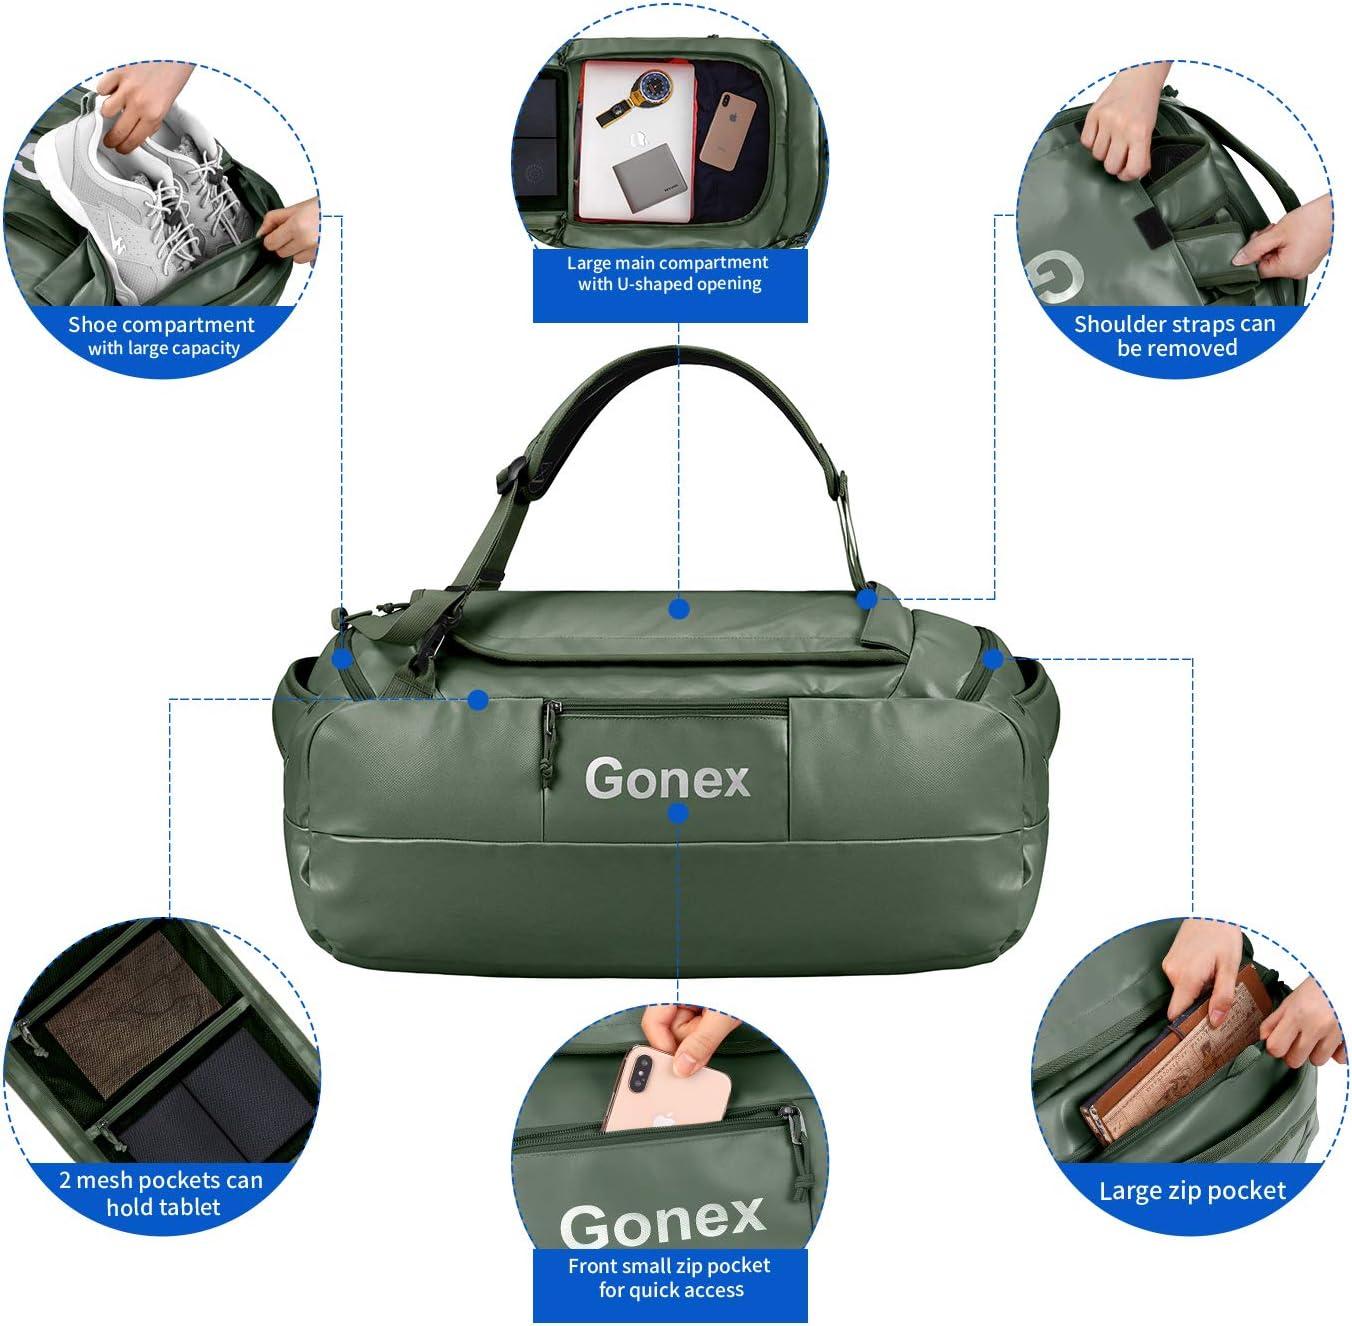 Gonex 60L Sac de Voyage Convertible en Sac /à Dos Imperm/éable Sac Sport Sac de Plage pour Randonn/ée Trekking Camping Motocyclette V/élo